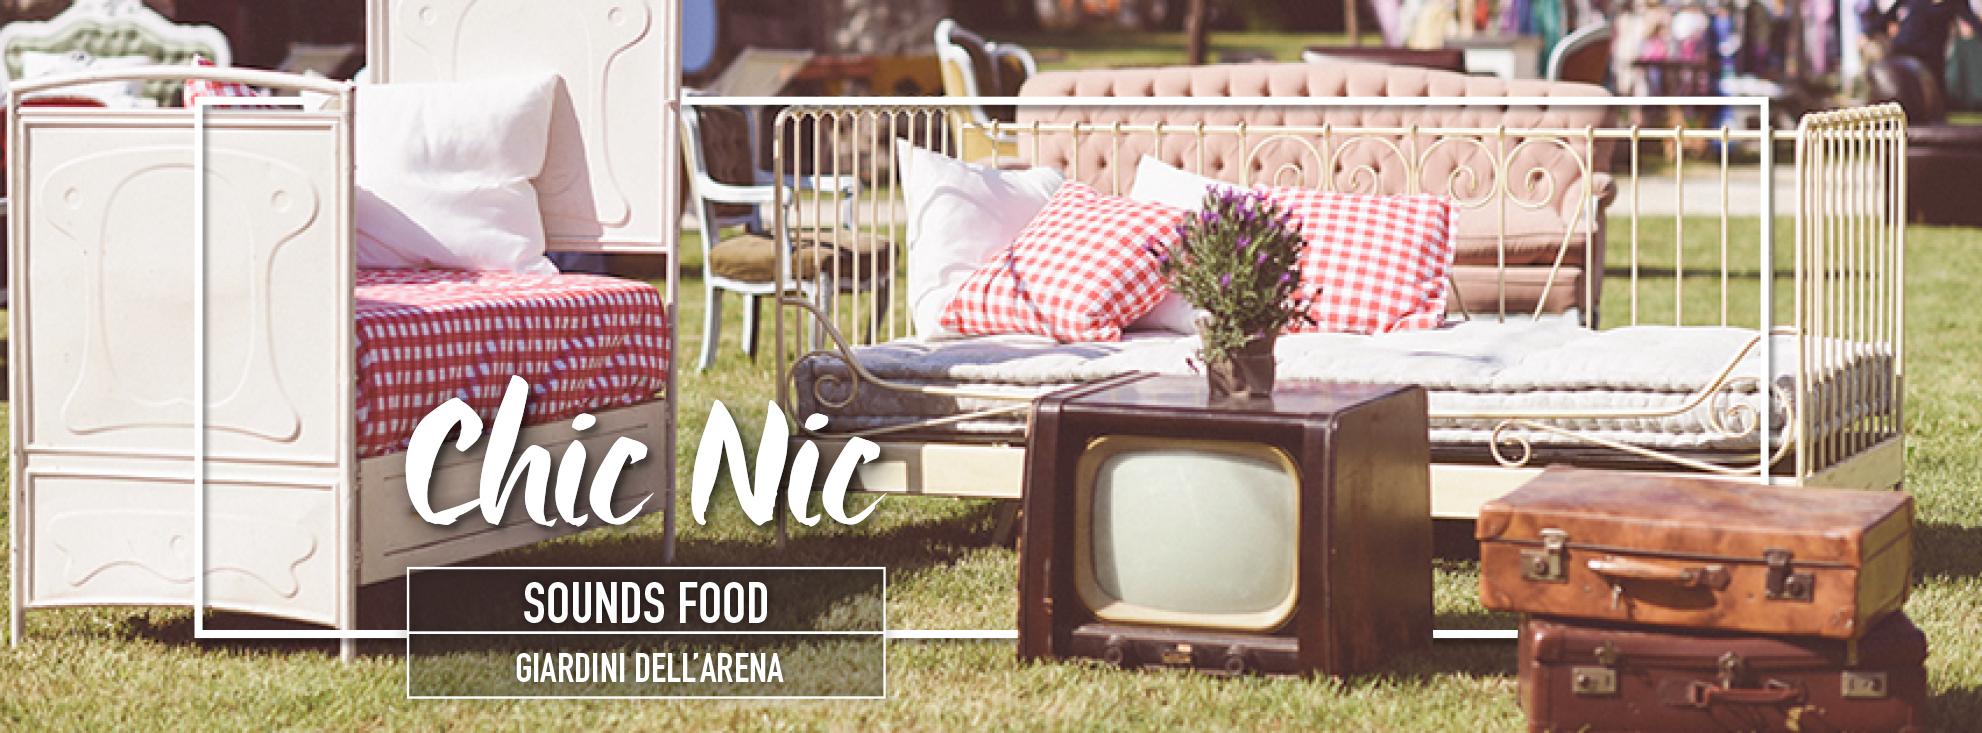 Chic-Nic-21-22-Maggio-cover